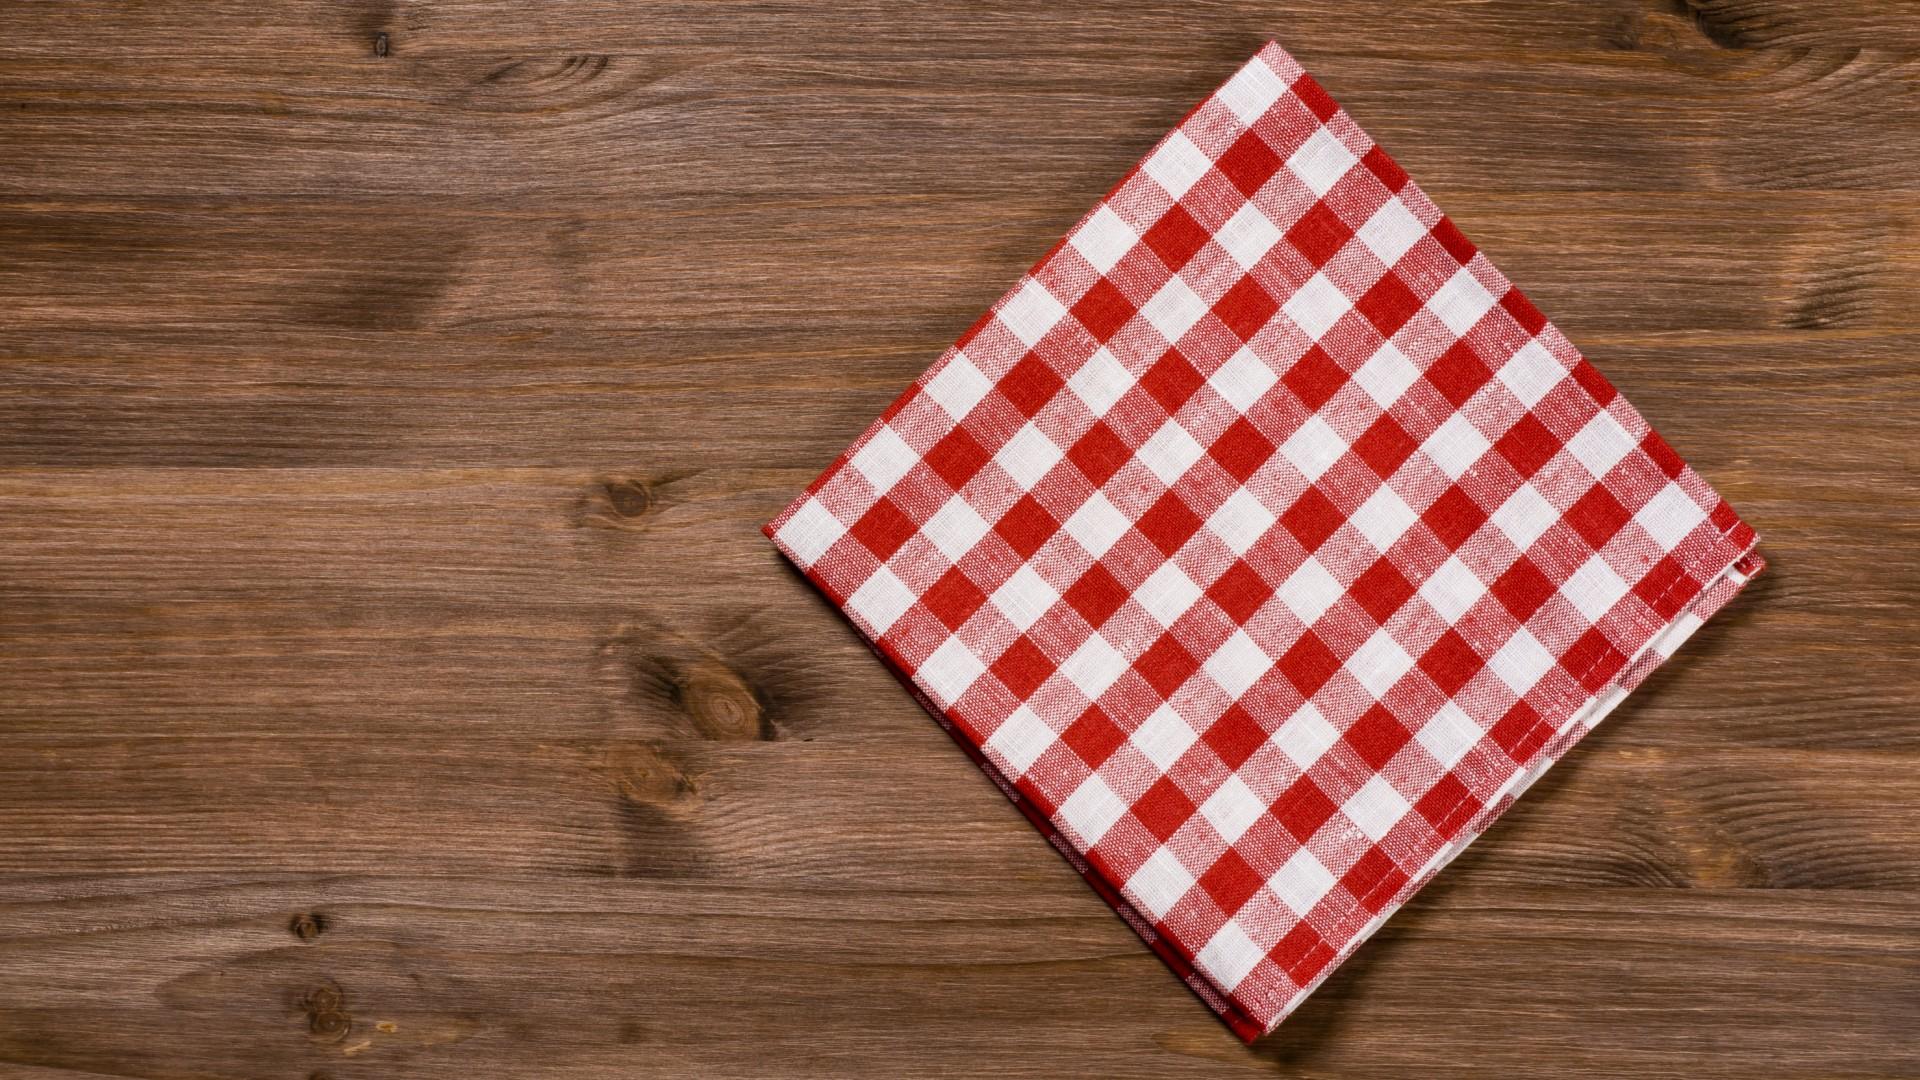 folded napkins for hospitality, cafes & restaraunts